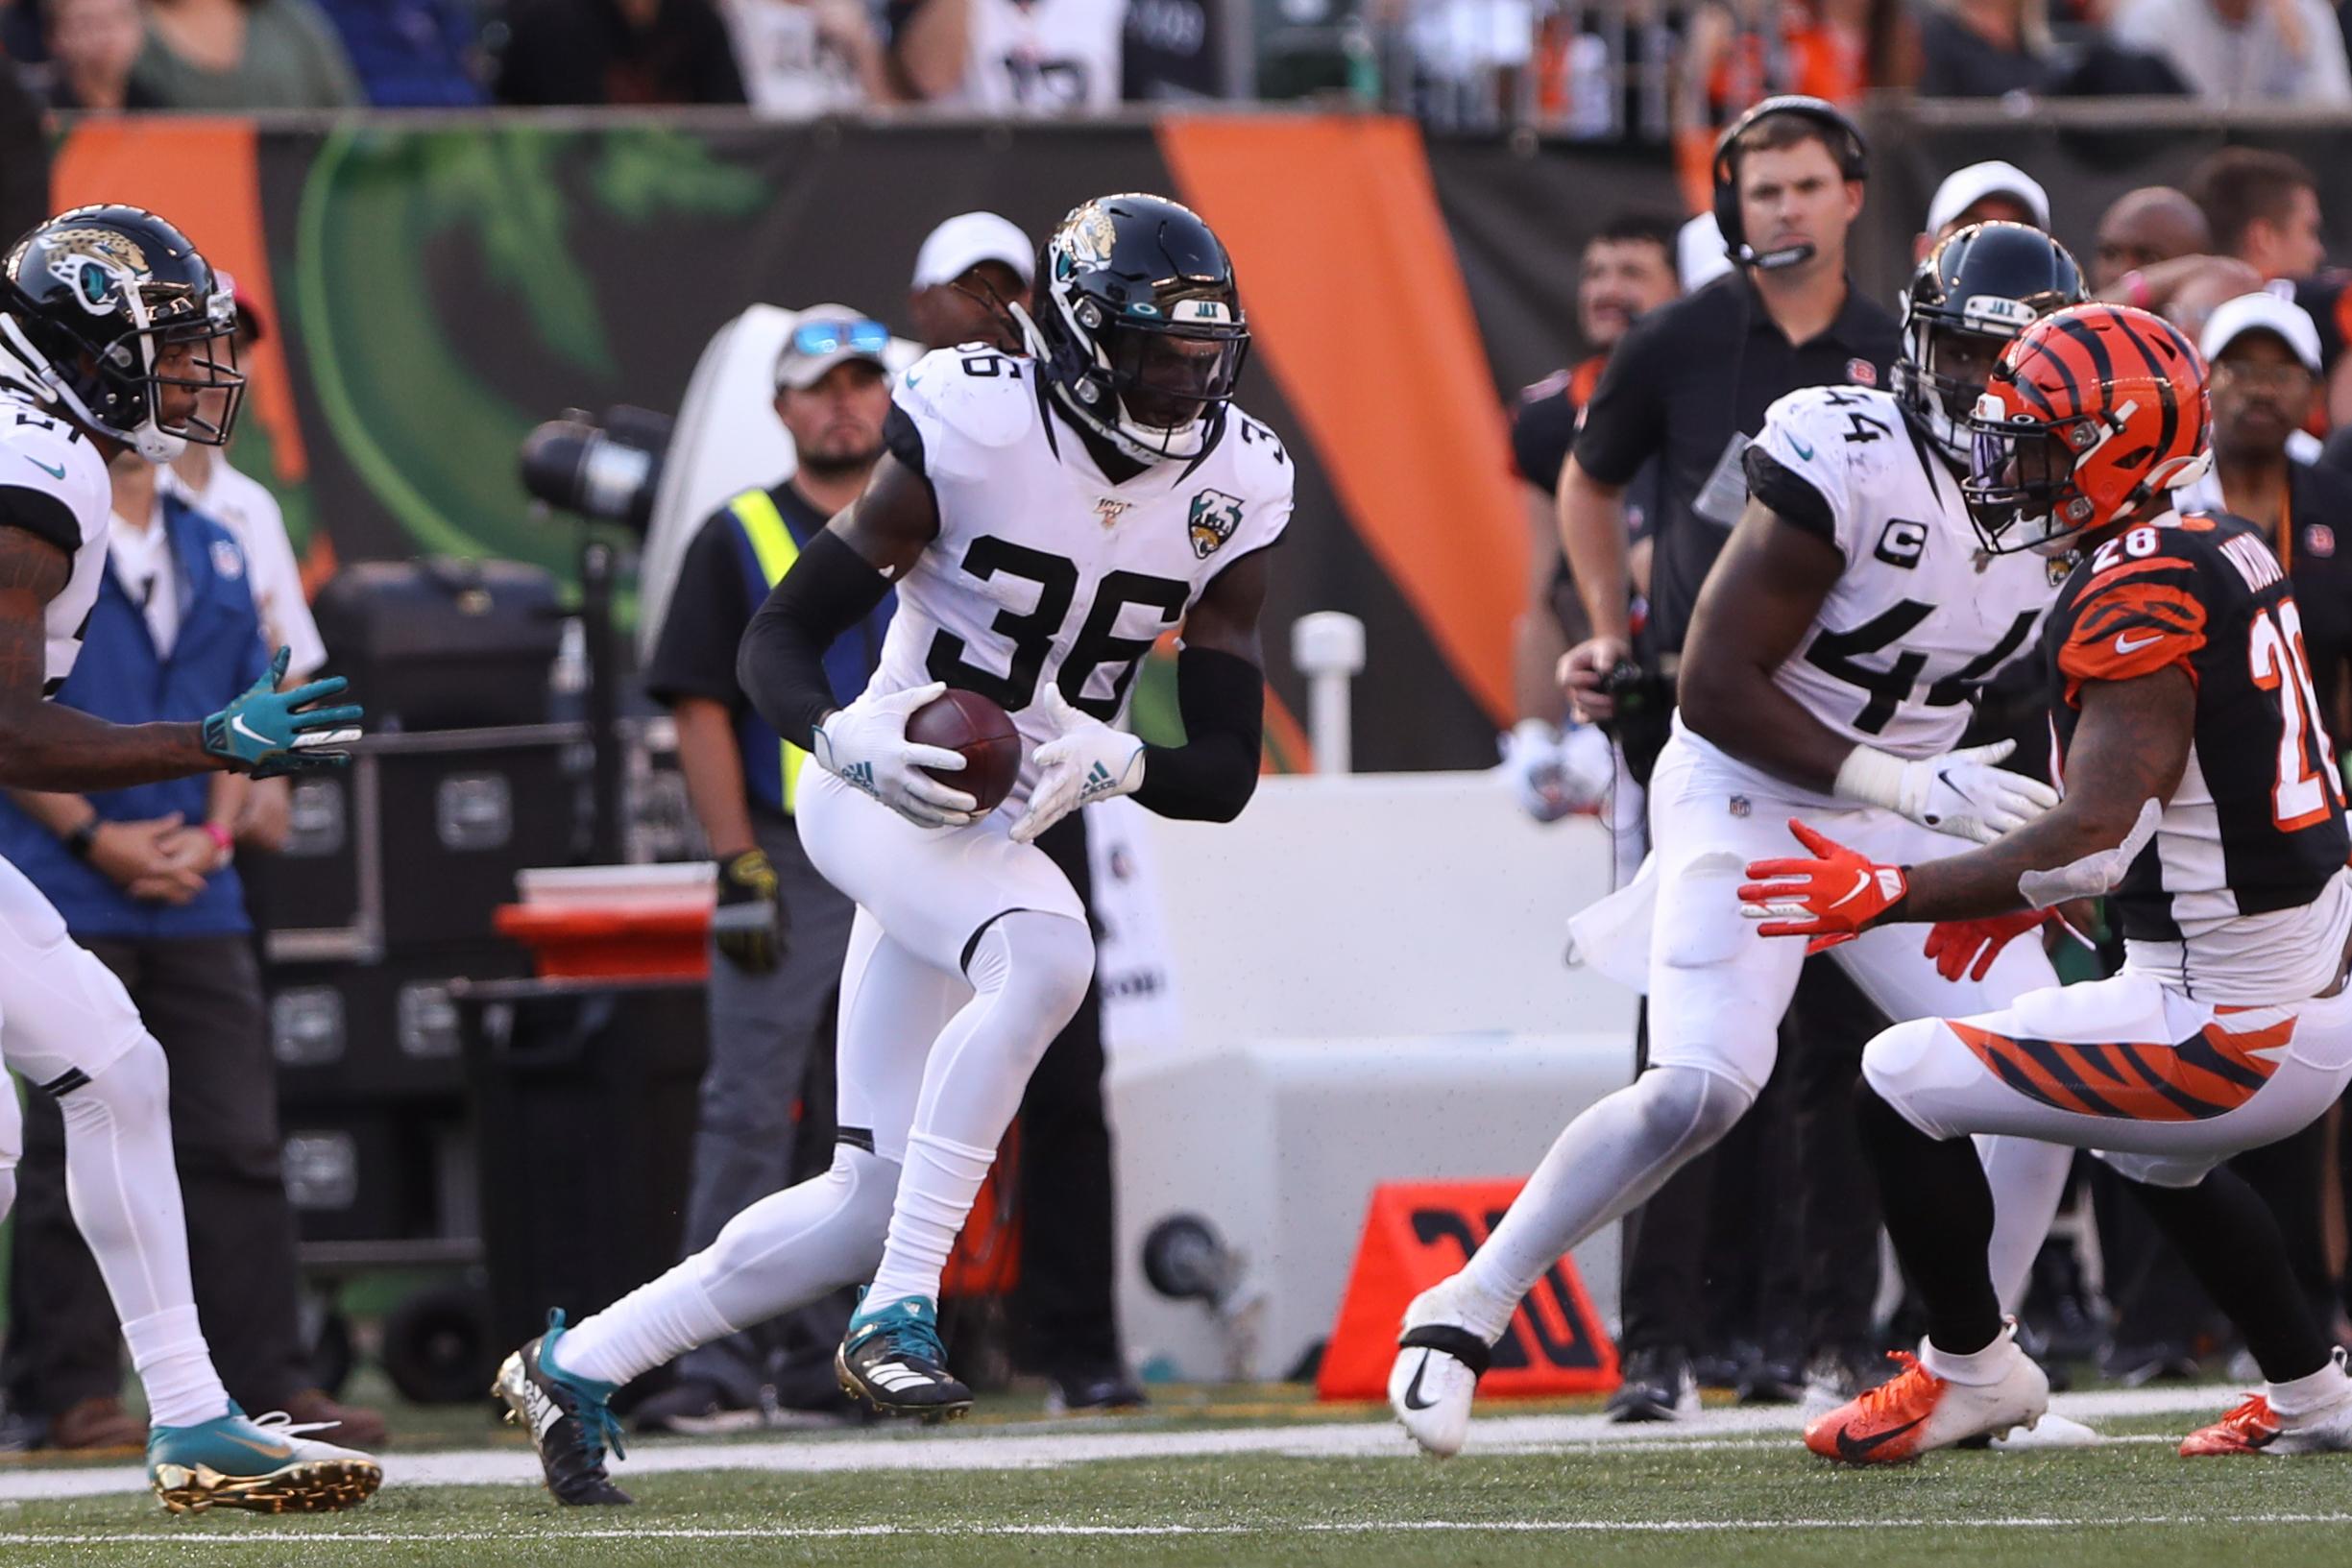 NFL: OCT 20 Jaguars at Bengals